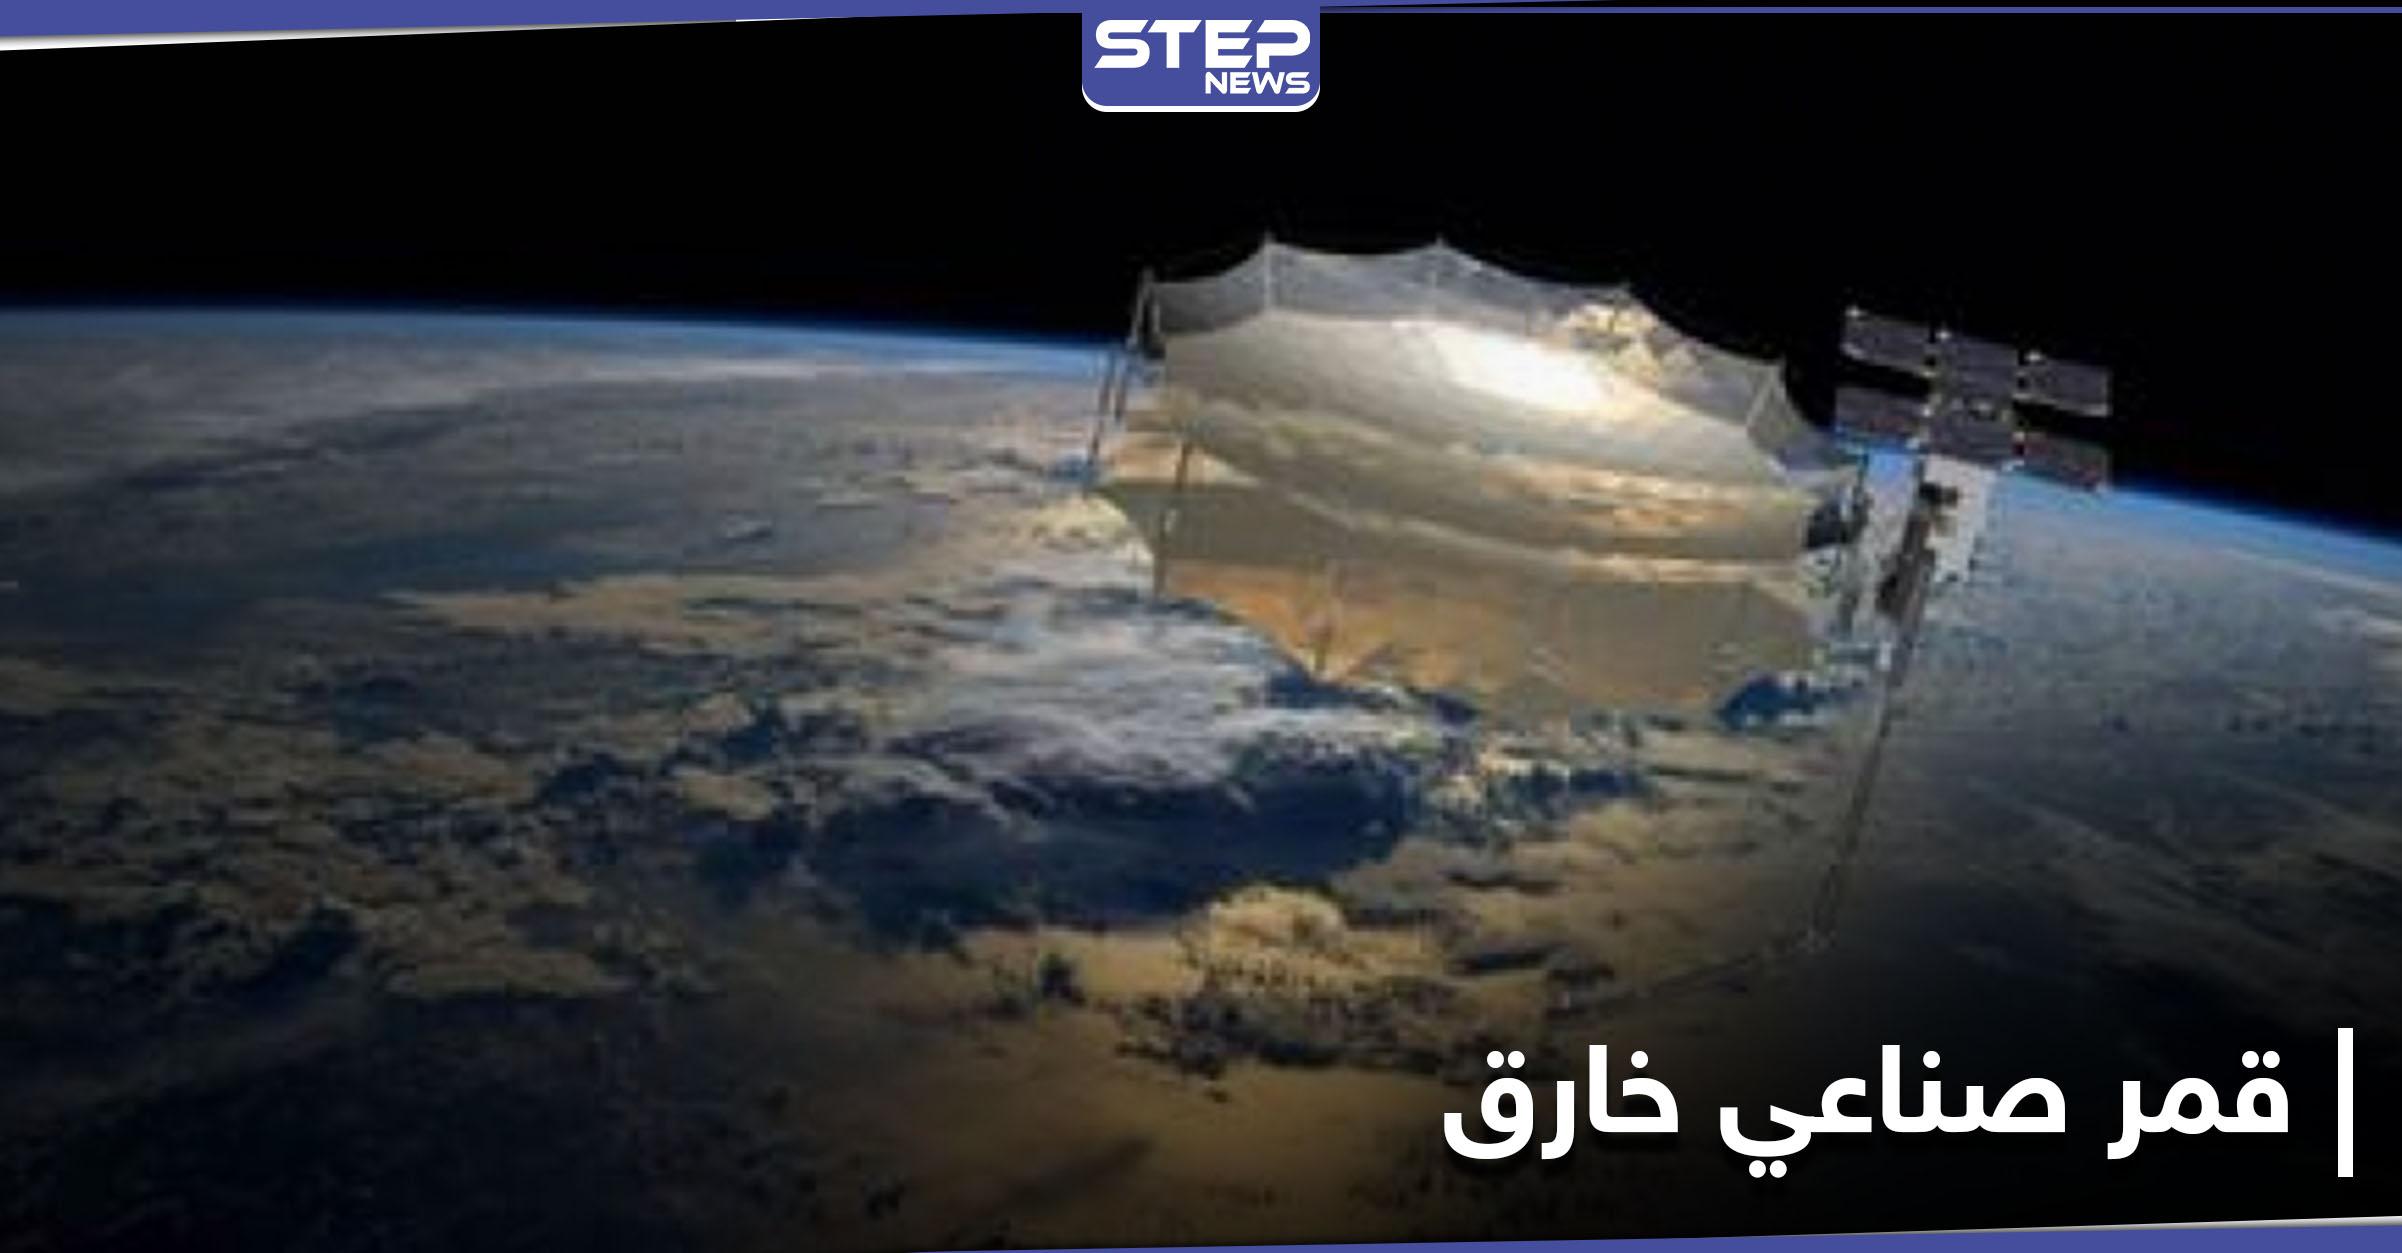 صور عالية الدقة من الفضاء عبر قمر صناعي يخترق المباني والغيوم